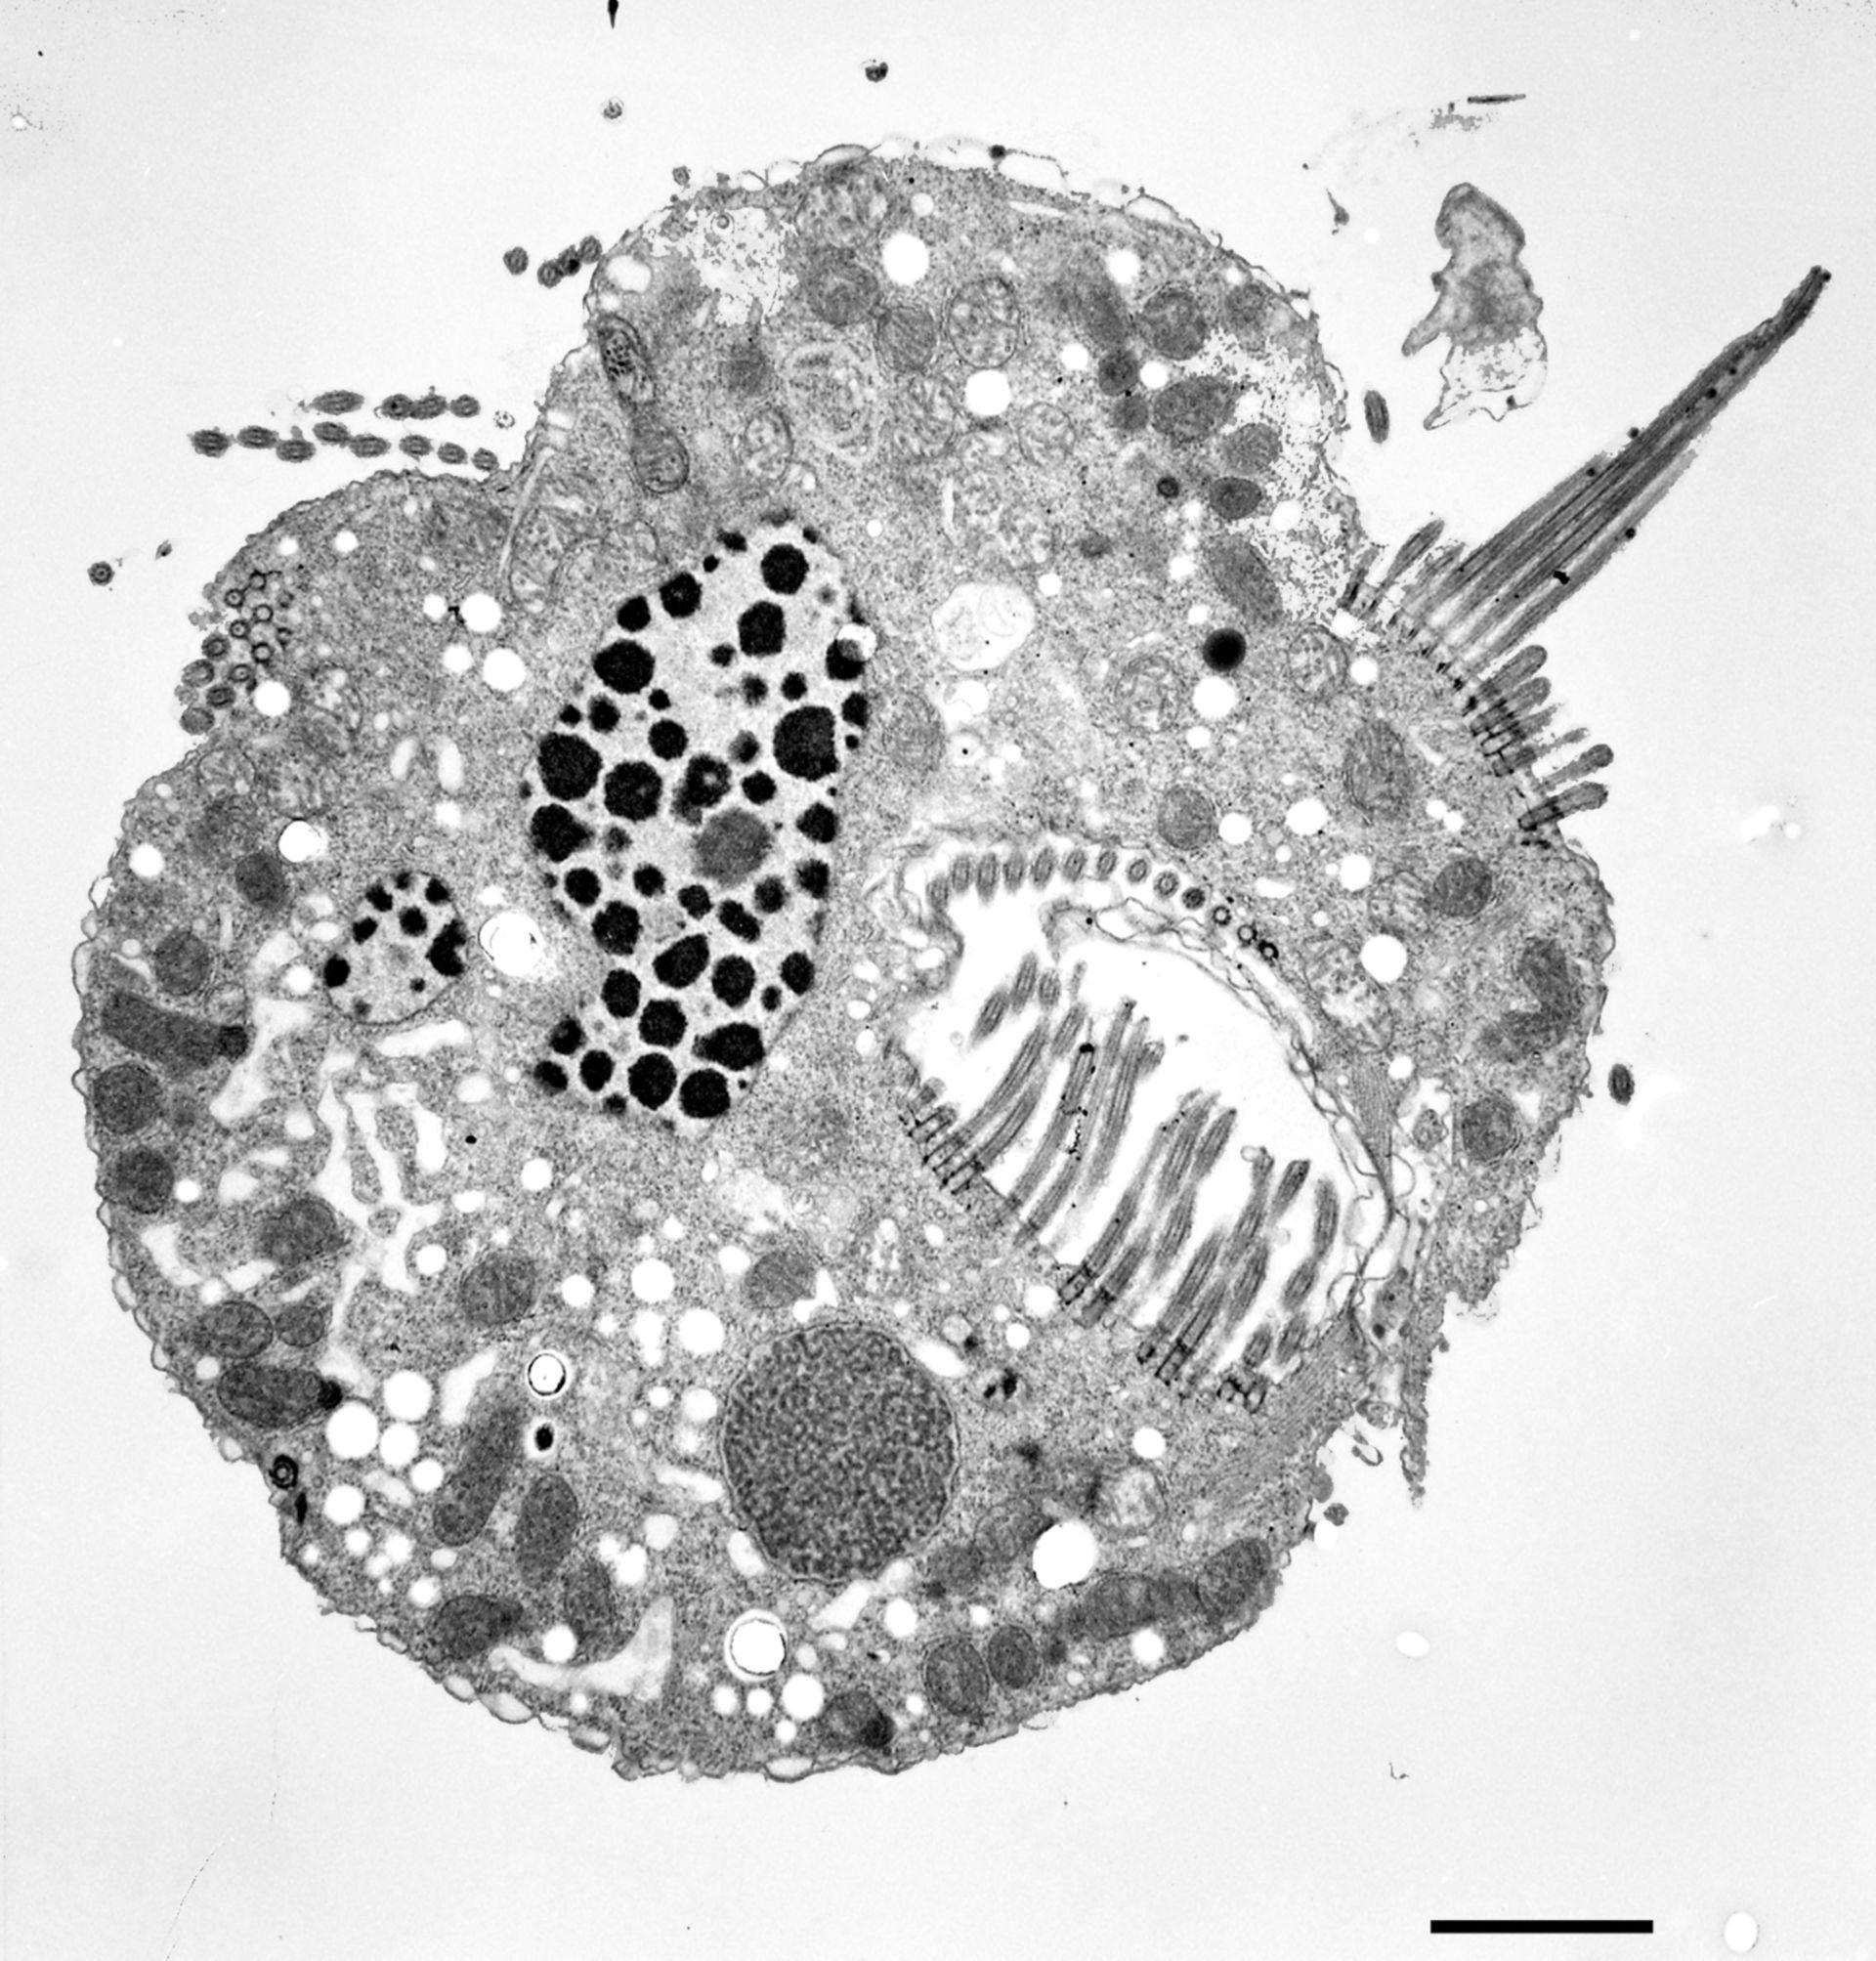 Halteria grandinella (apparato orale) - CIL:12326